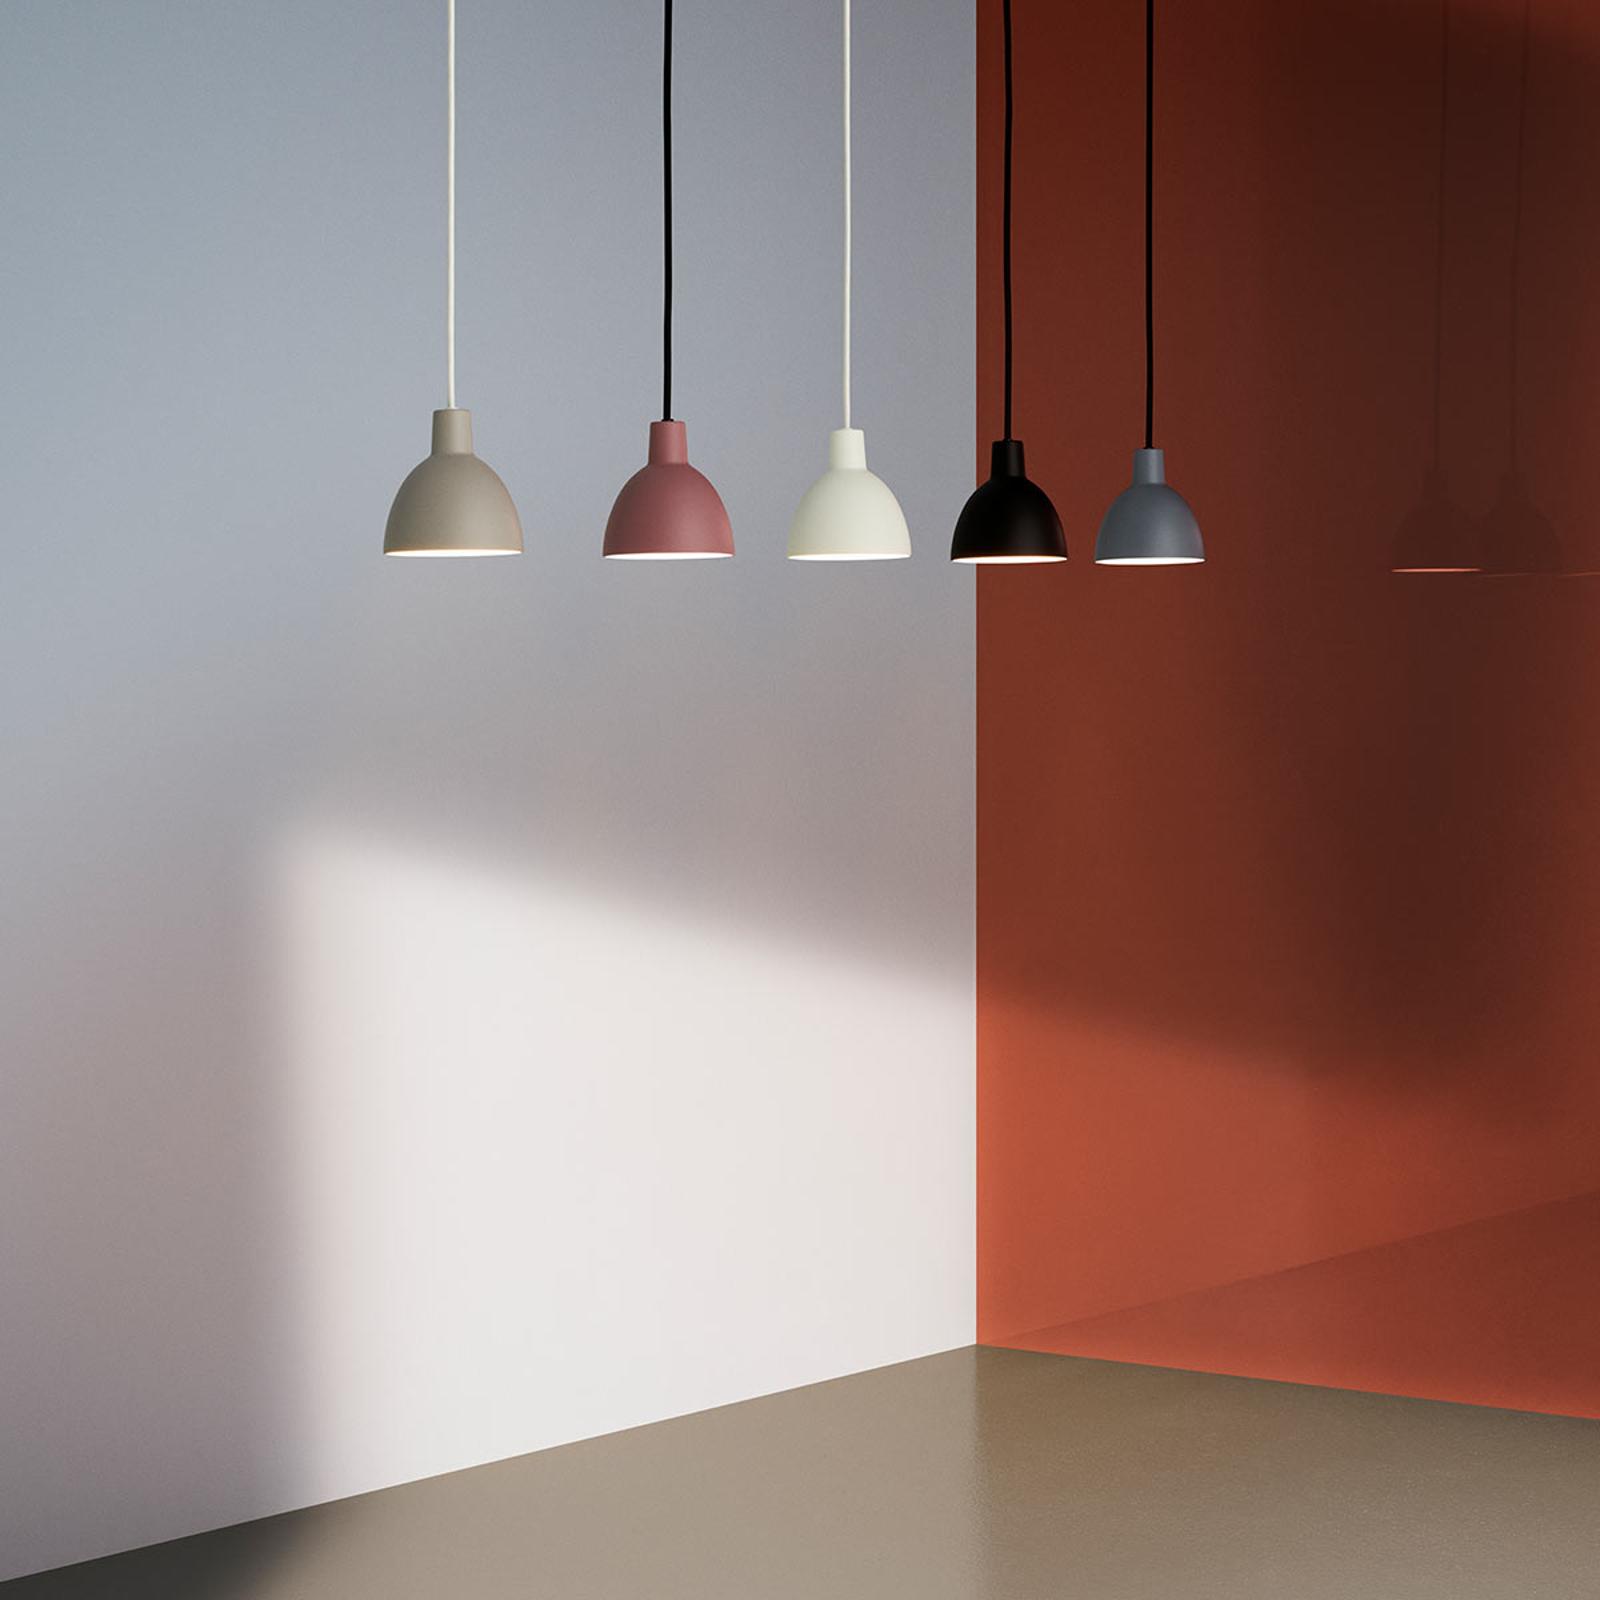 Minimalistische hanglamp Toldbod 120, zwart